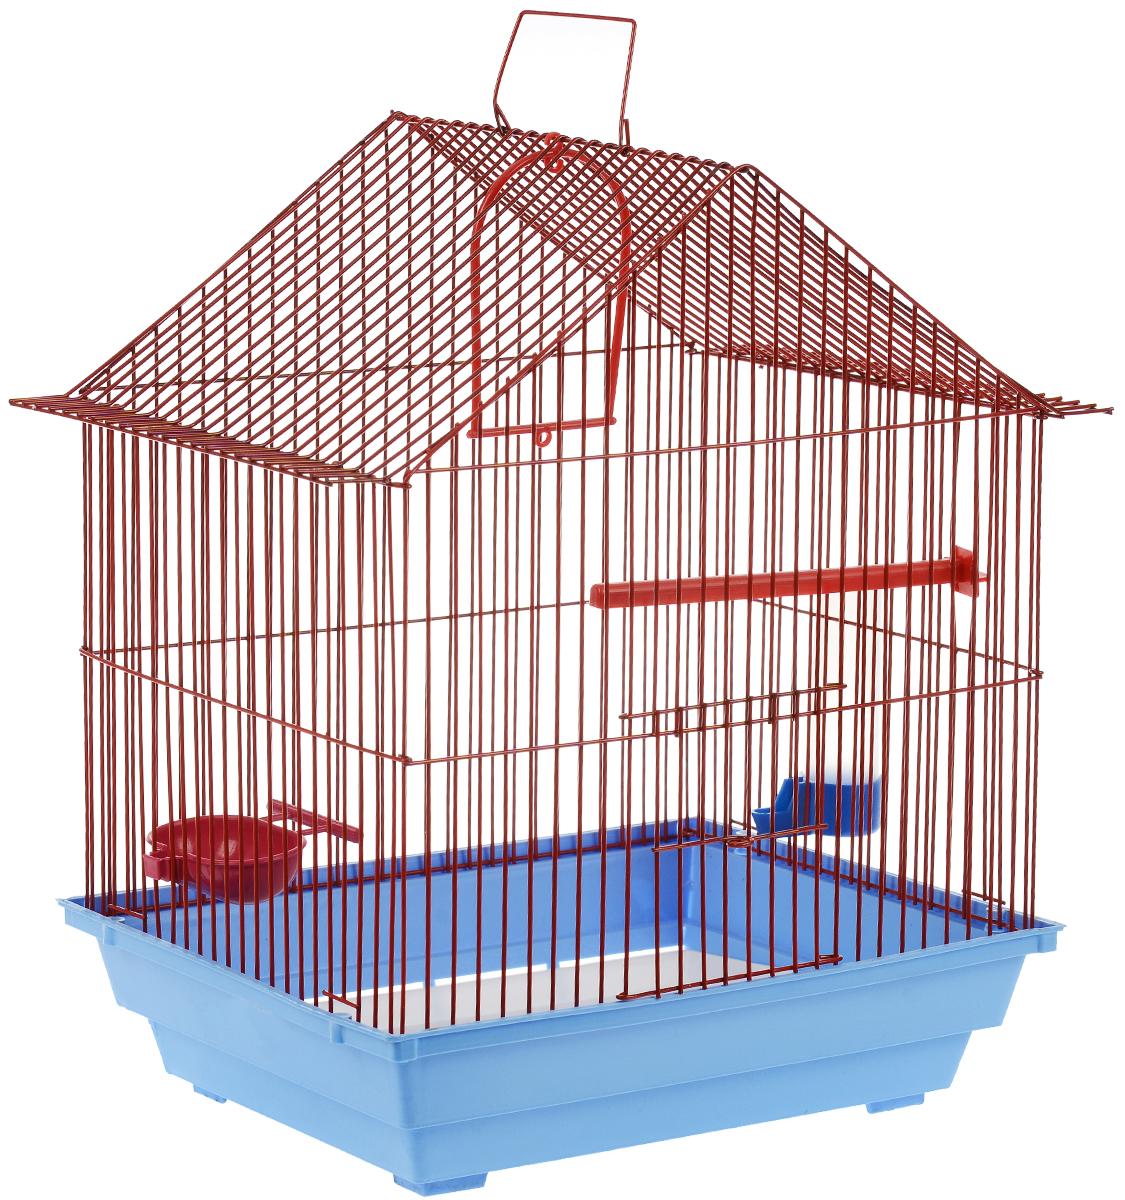 Клетка для птиц ЗооМарк, цвет: голубой поддон, красная решетка, 39 х 28 х 42 см410_голубой, красныйКлетка ЗооМарк, выполненная из полипропилена и металла, предназначена для мелких птиц. Вы можете поселить в нее одну или две птицы. Изделие состоит из большого поддона и решетки. Клетка снабжена металлической дверцей, которая открывается и закрывается движением вверх-вниз. В основании клетки находится малый поддон. Она оснащена жердочкой, кольцом для птицы, кормушкой, поилкой и подвижной ручкой для удобной переноски. Клетка удобна в использовании и легко чистится. В такой клетке вашему питомцу будет уютно и он будет чувствовать себя в безопасности. Комплектация: - клетка с поддоном, - малый поддон; - кормушка; - поилка; - кольцо,- жердочка.